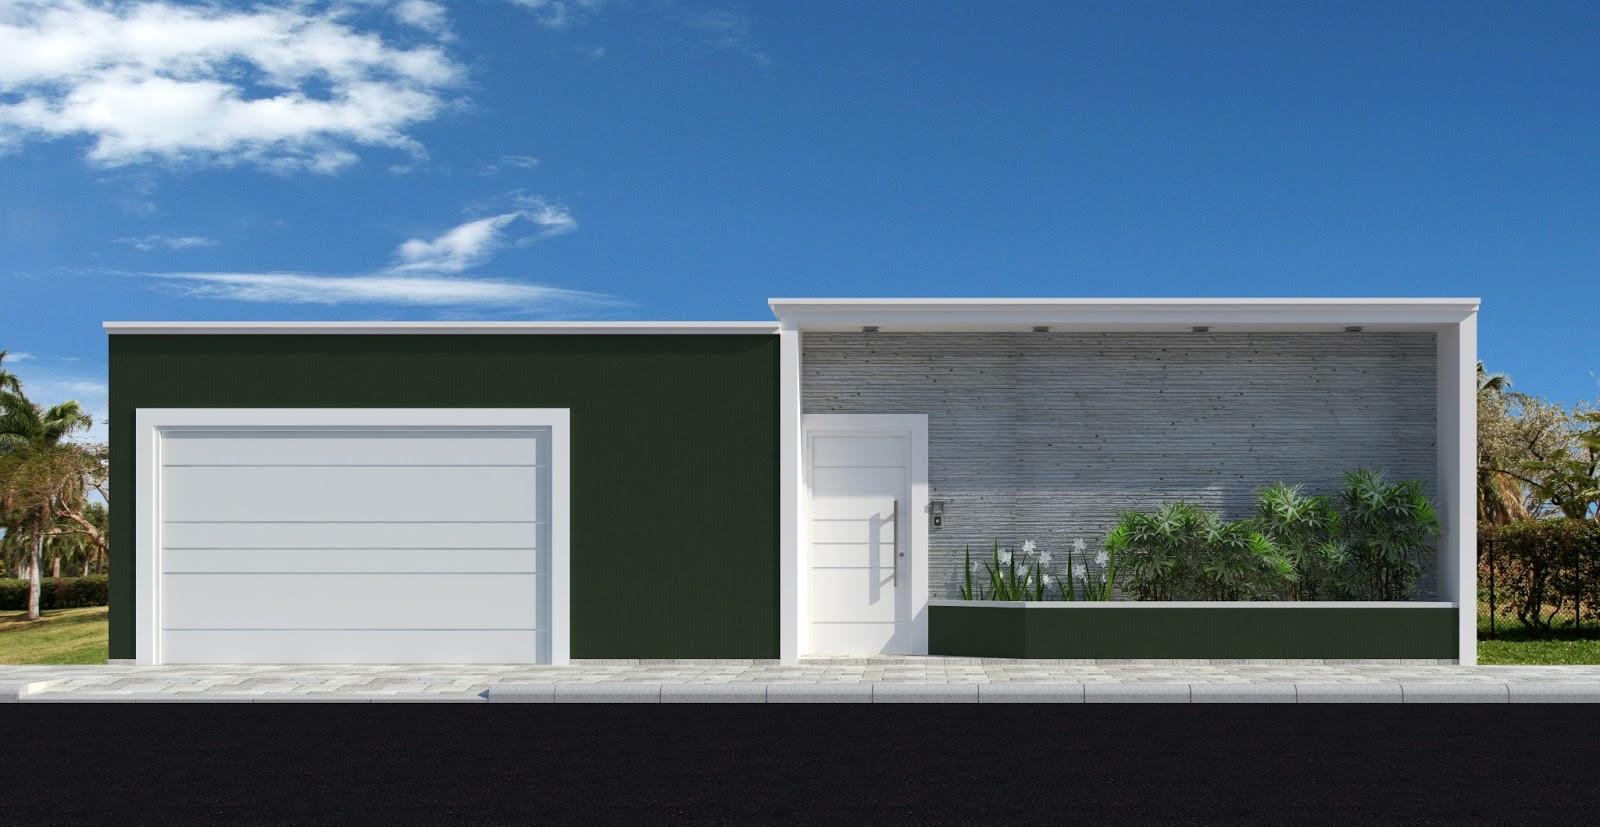 16 modelos de fachadas de casas pequenas e modernas for Modelo de fachadas para casas modernas